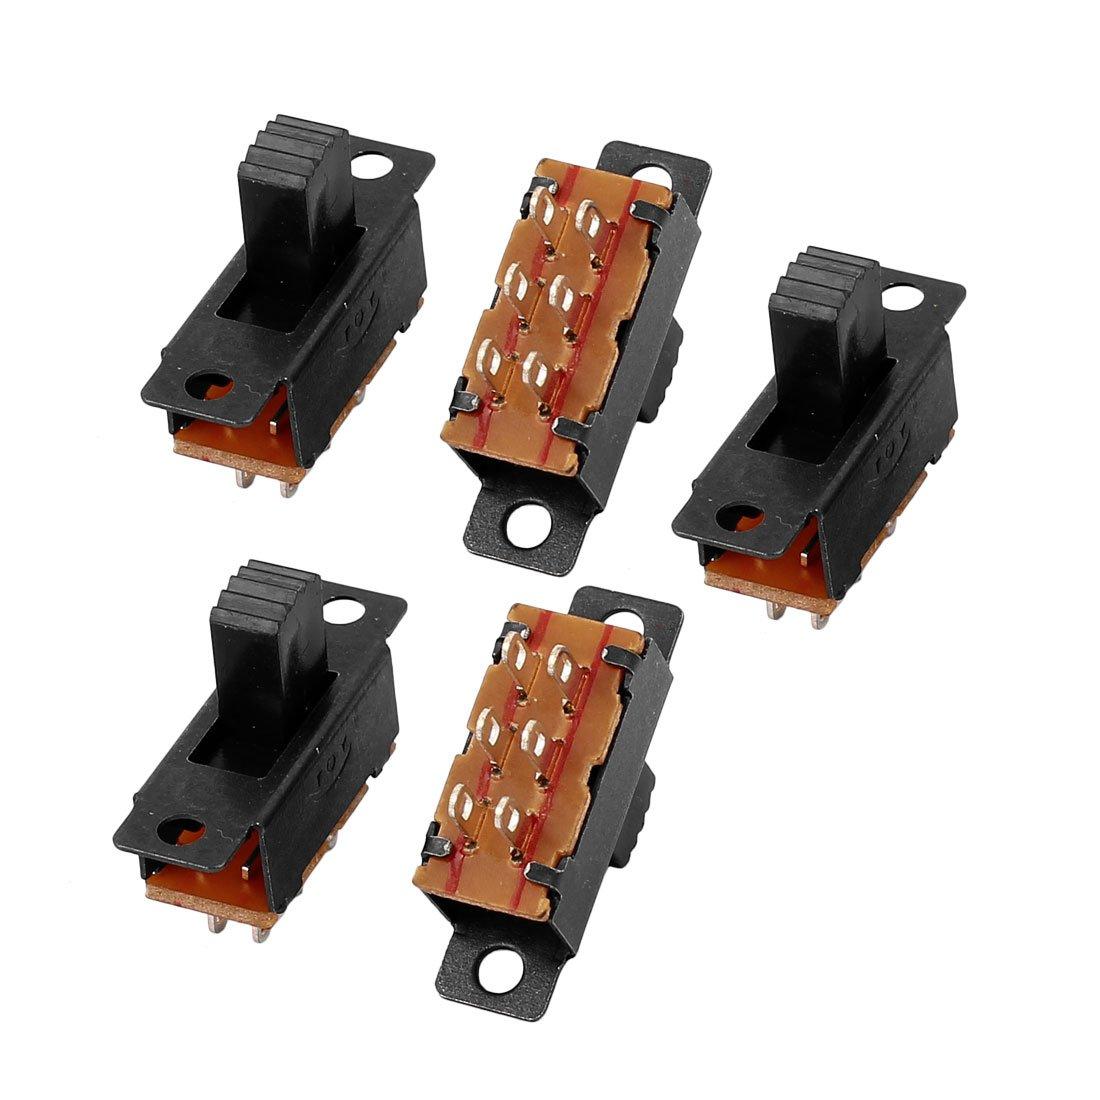 sourcing map 10uds 8P Micro Interruptor de Interruptor de Enclavamiento deslizante de 3 Posiciones de Montaje en Panel DPDT